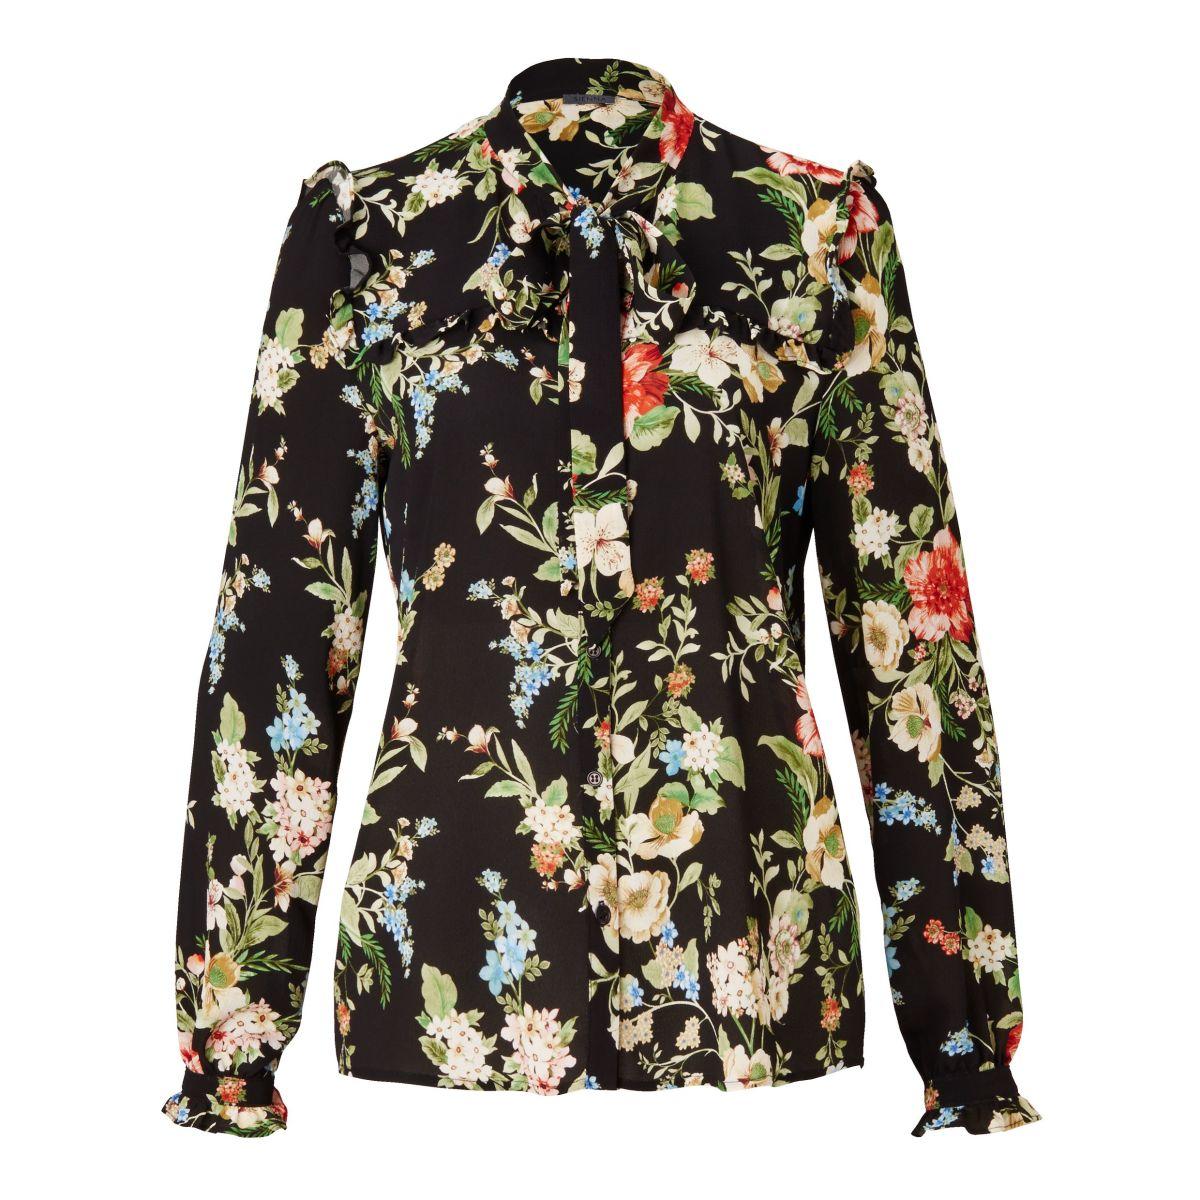 Artikel klicken und genauer betrachten! - Zarte Bluse im Romantik-Look. Mit Blumenprint, Schluppe, gerüschter Passe vorn und hinten, Knopfleiste sowie Rüschen und Bindebändchen an den Armabschlüssen. Waschempfehlung: 30 °C Schonwäsche, Gesamtlänge: ca. 66 cm, Referenzgröße: Gemessen bei Größe 36, Material: 100% Polyester. | im Online Shop kaufen